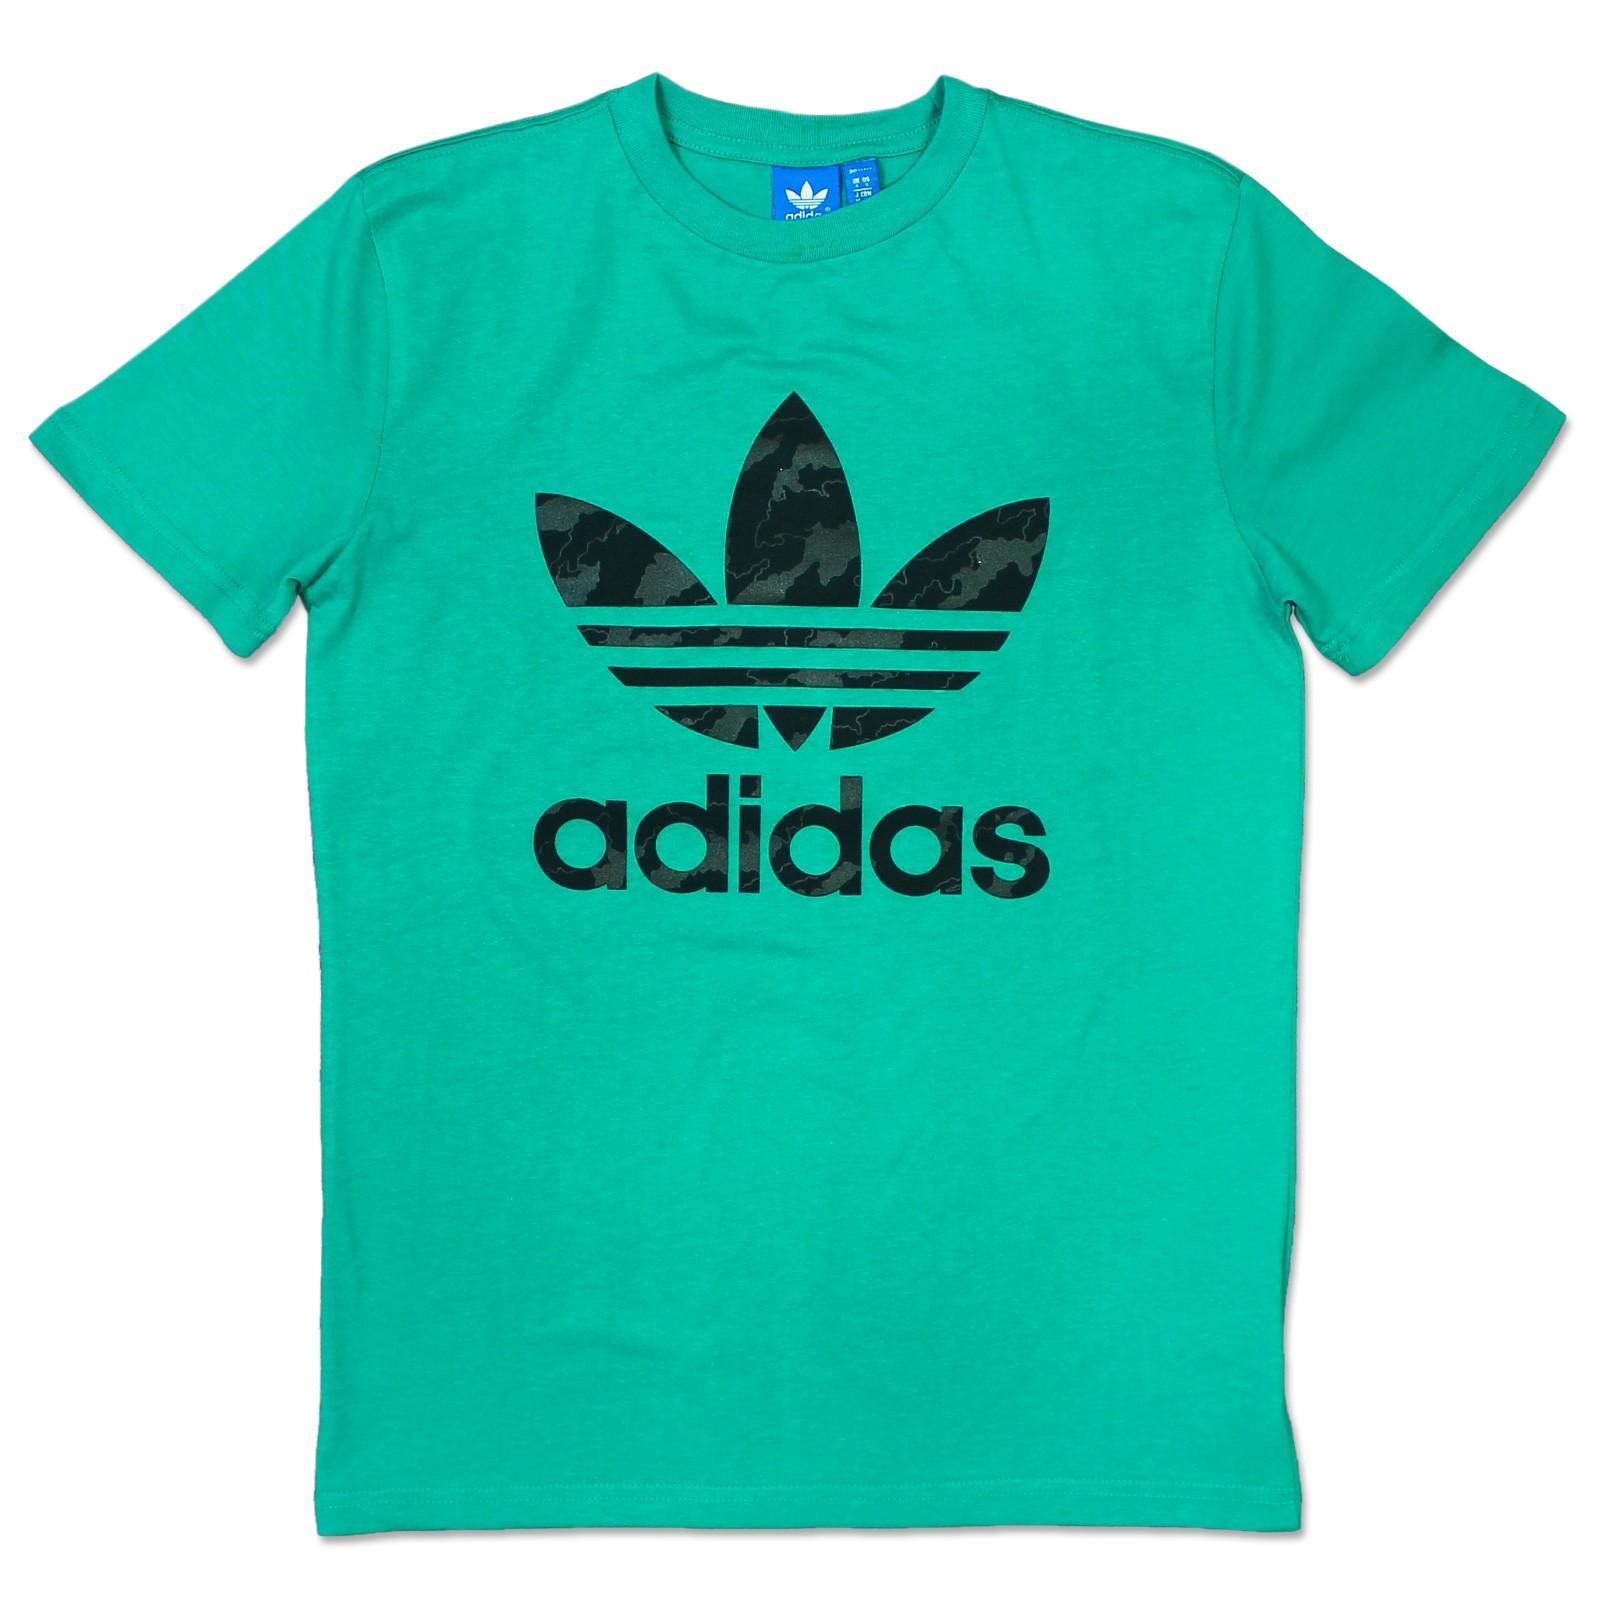 adidas Herren T Shirt Grün